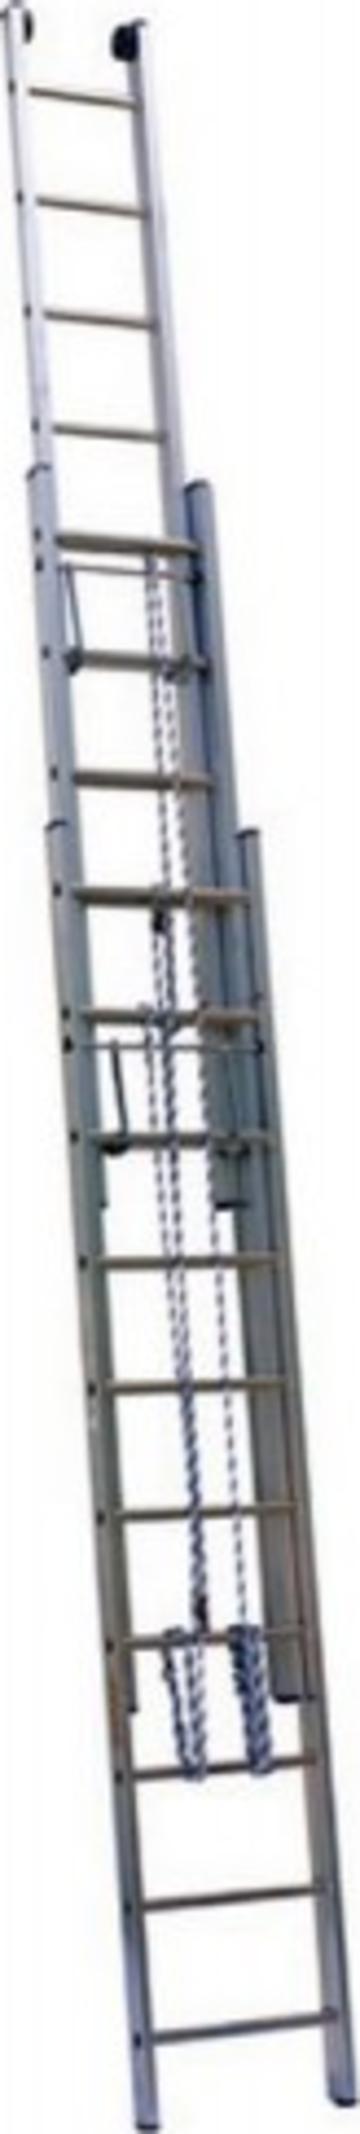 Лестница Лестница выдвижная трехсекционная АЛЮМЕТ 3314 3х14 с тросом